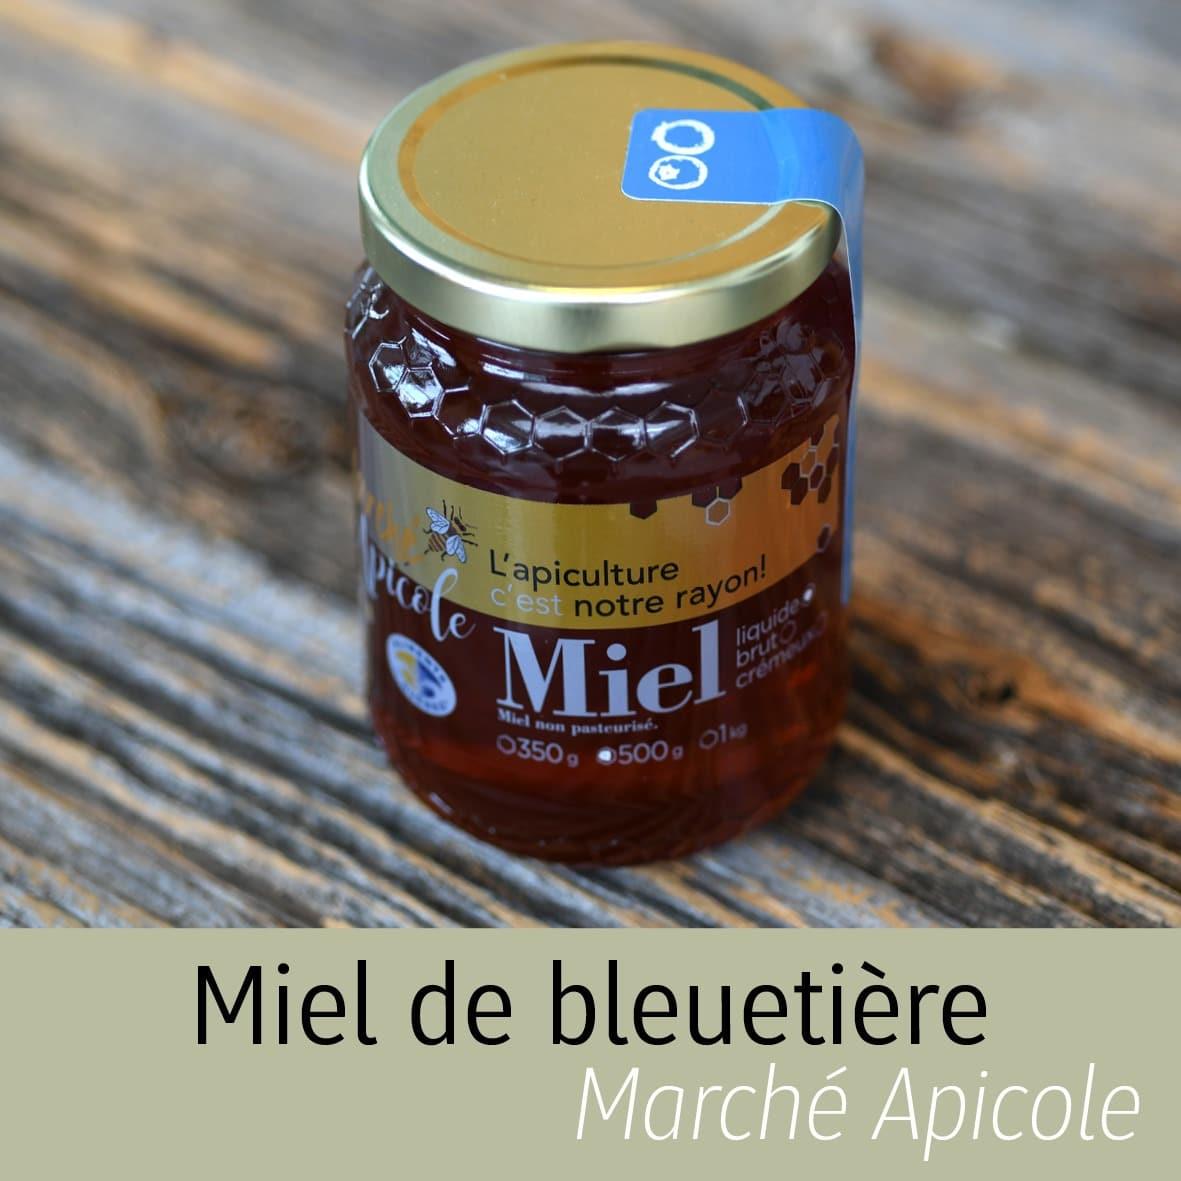 Miel de bleuetière Marché apicole